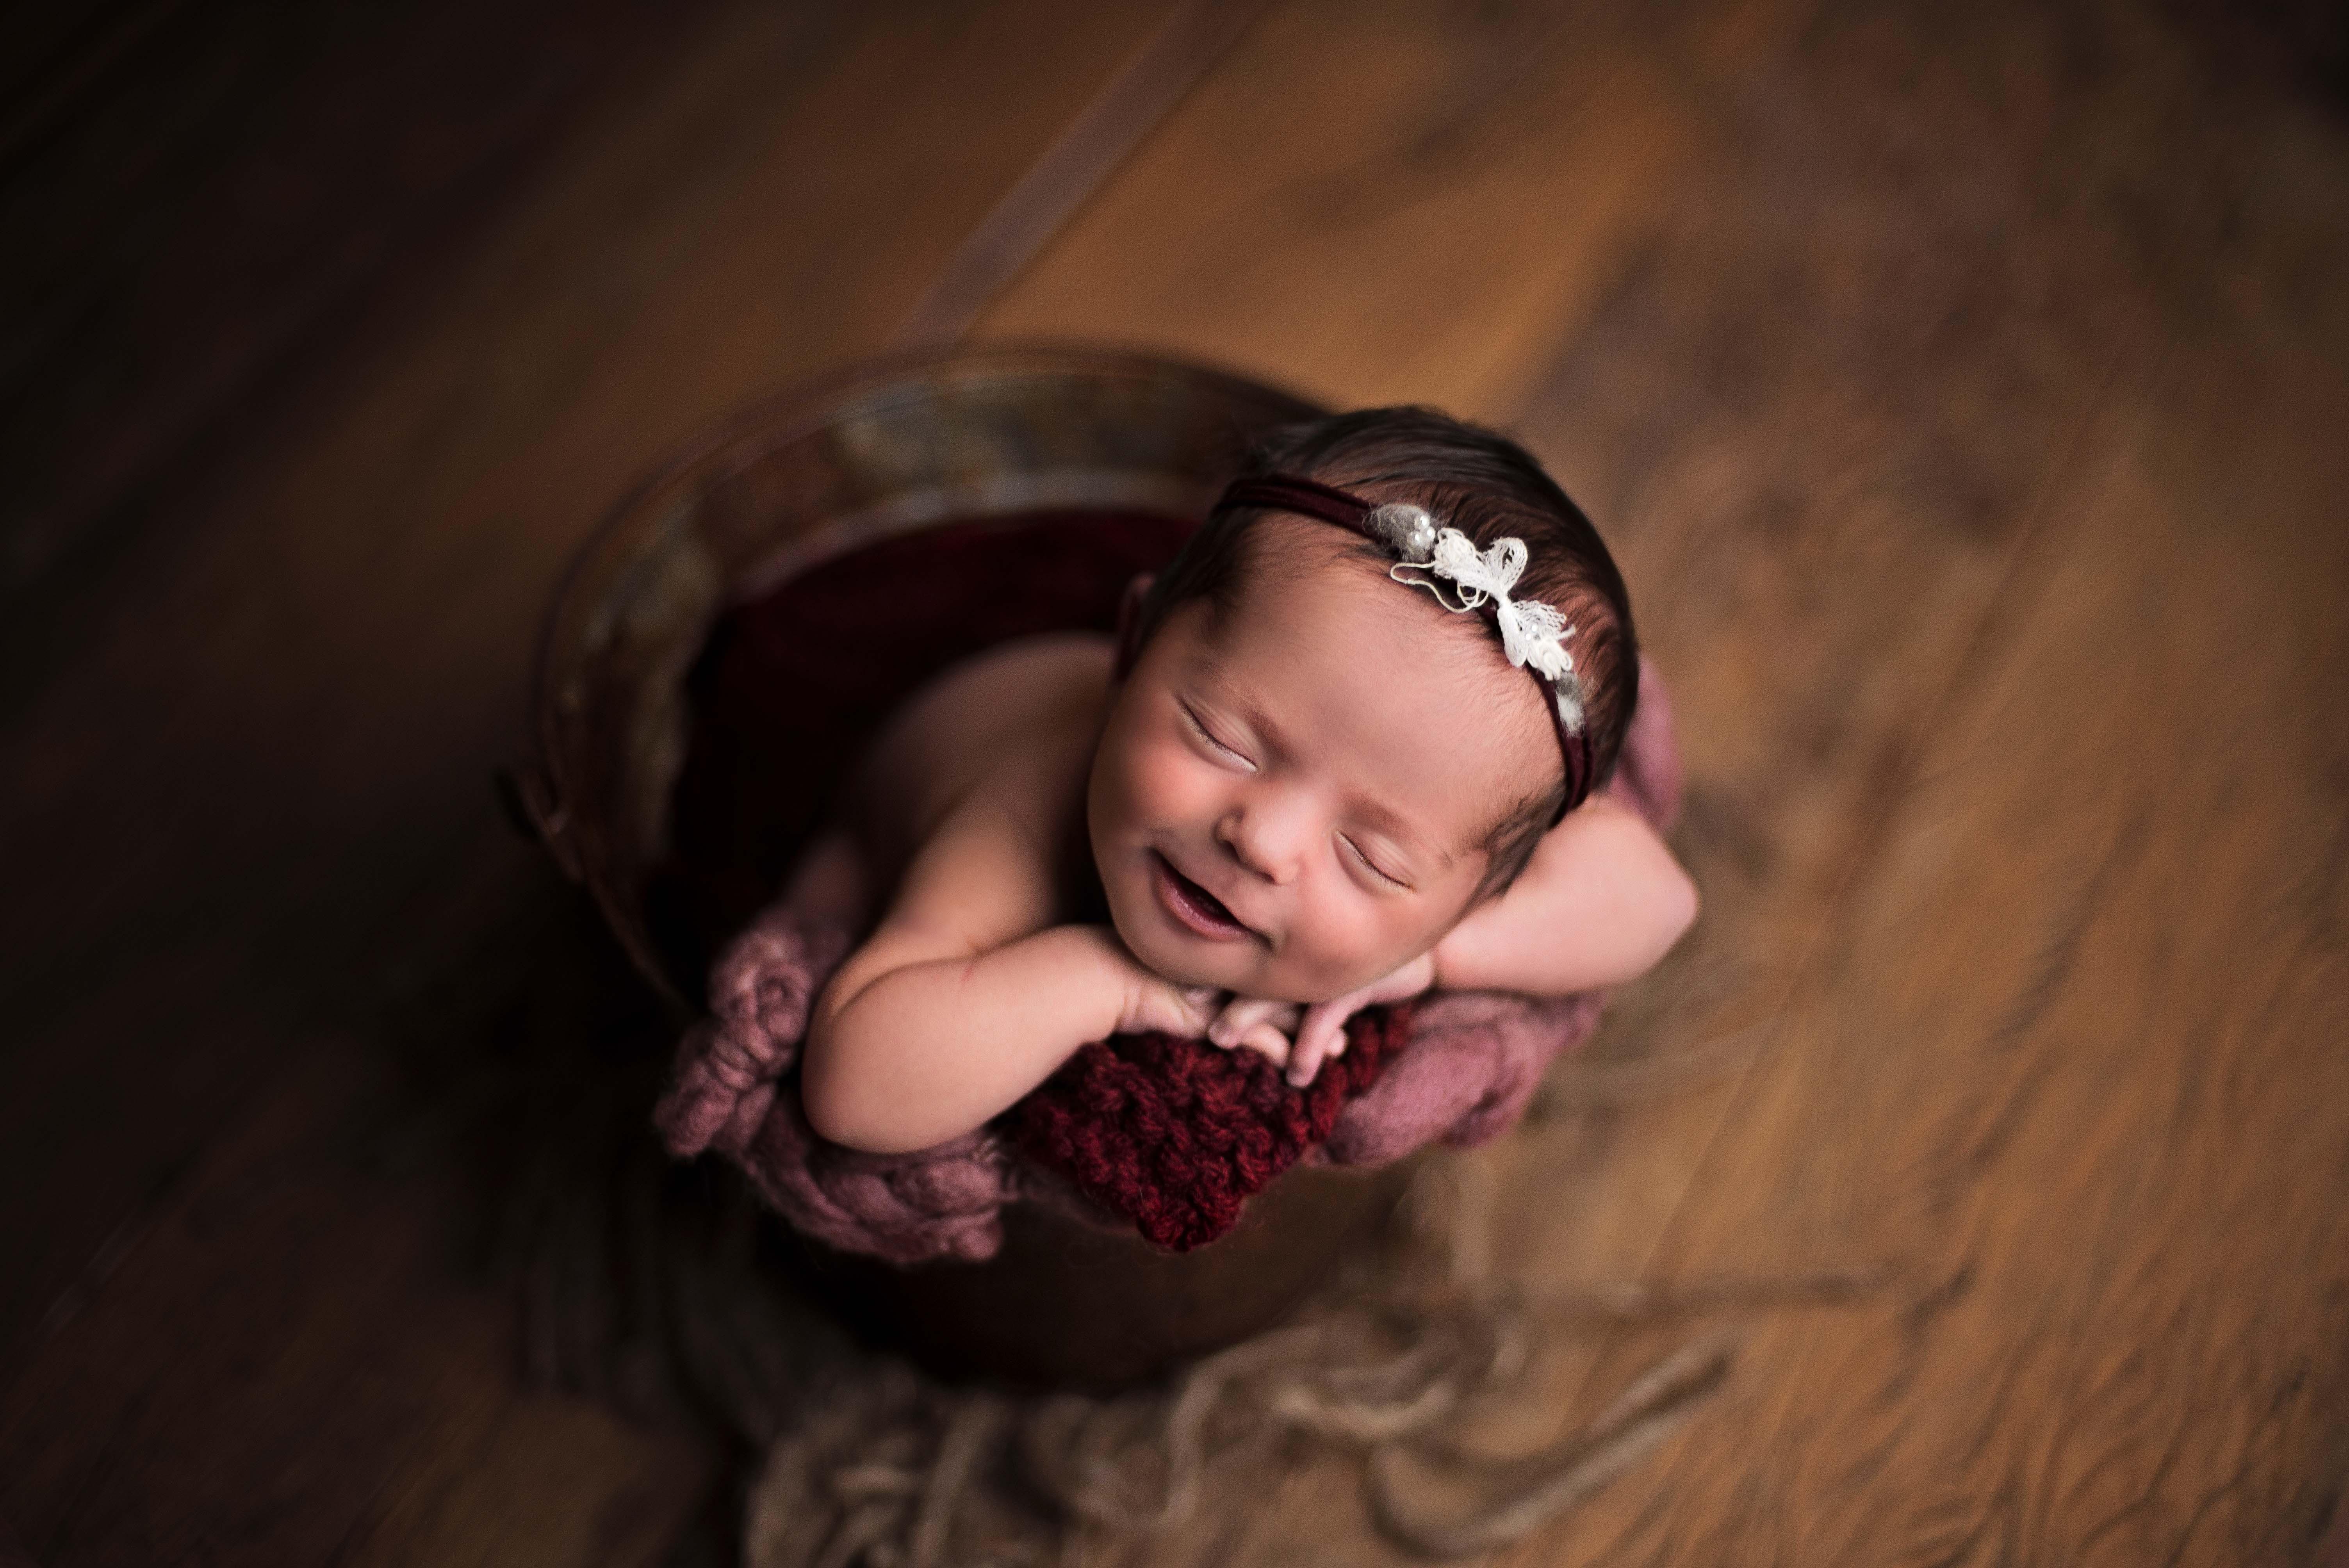 Contate Luana Santos - Fotografia Newborn - Gestante - Rio de Janeiro RJ